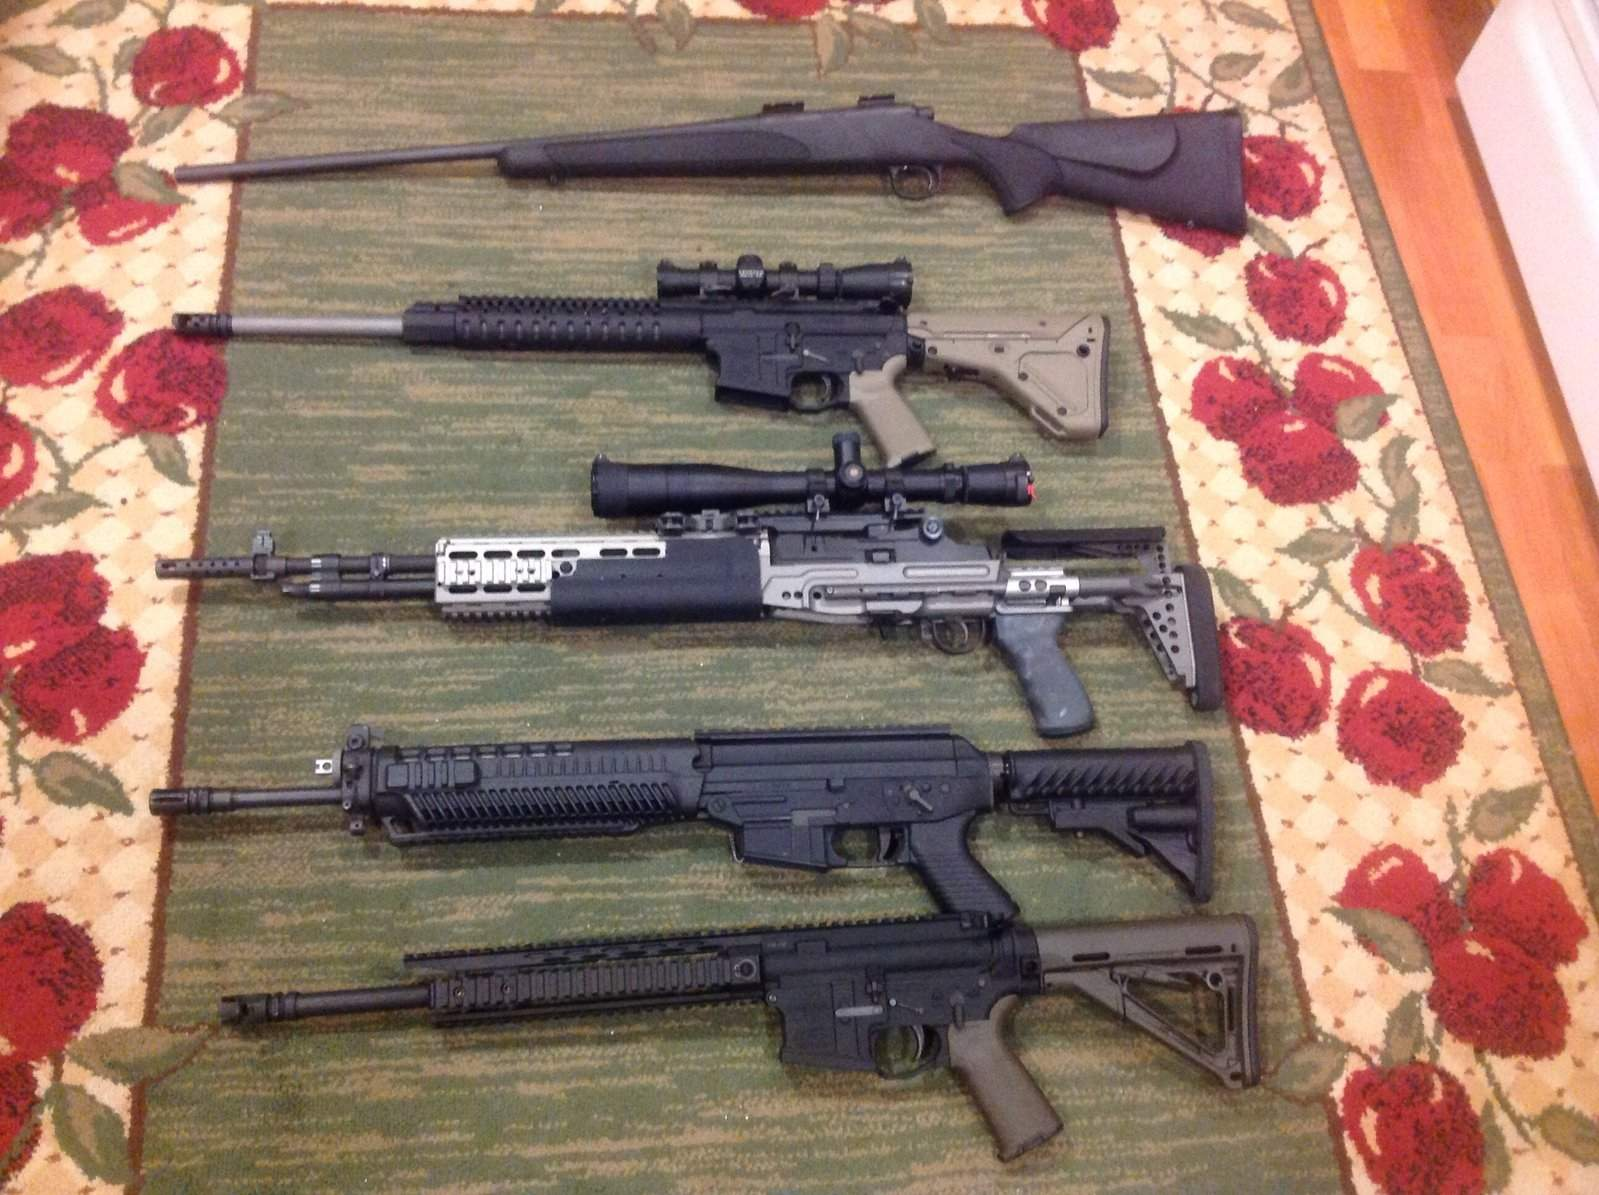 WTS/WTT WA - Mega arms monolithic ar15, sage ebr m1a, sig